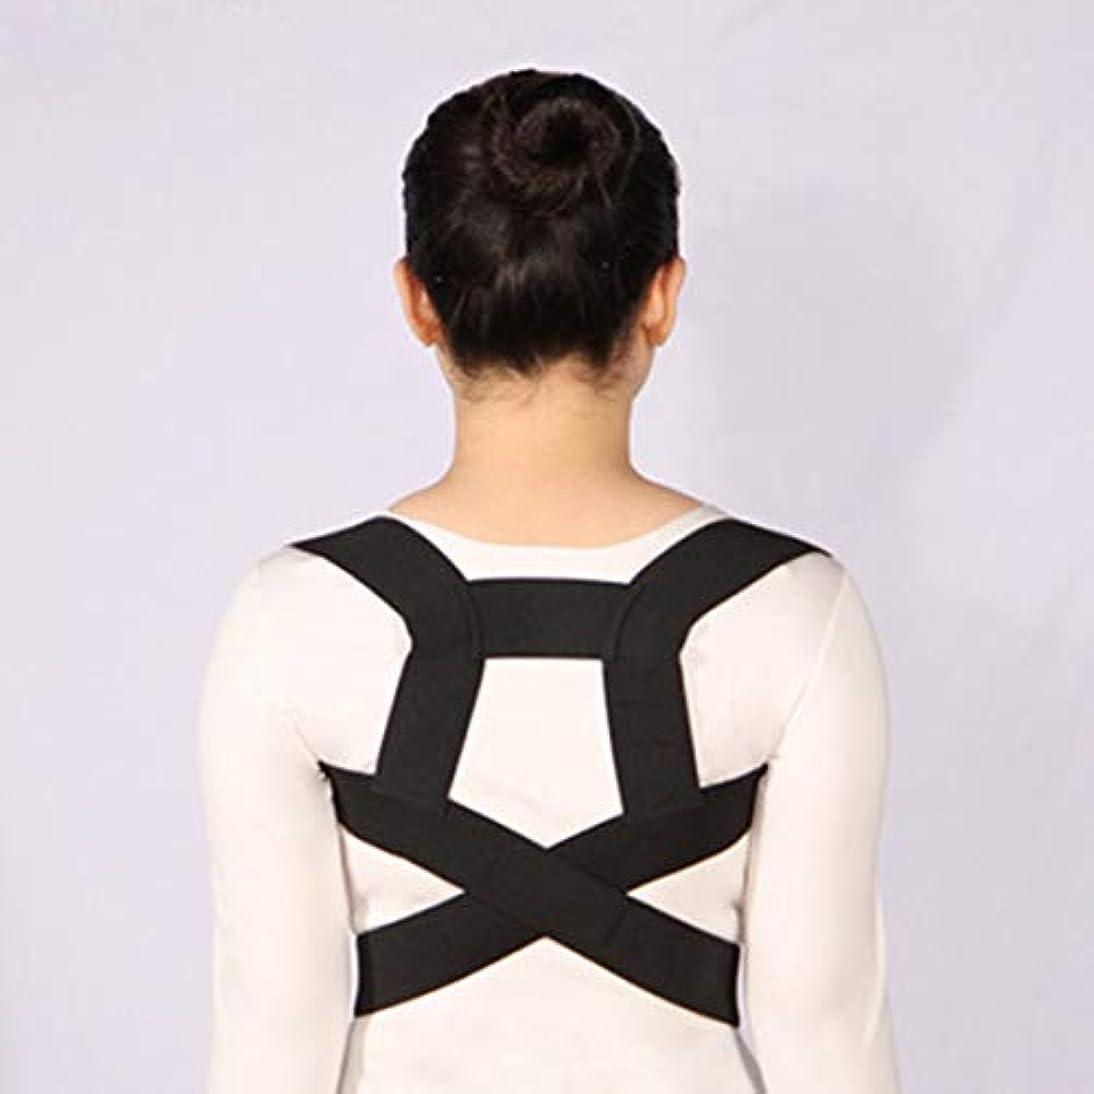 同意する効率的エンジニアリング姿勢矯正側弯症ザトウクジラ補正ベルト調節可能な快適さ目に見えないベルト男性女性大人シンプル - 黒